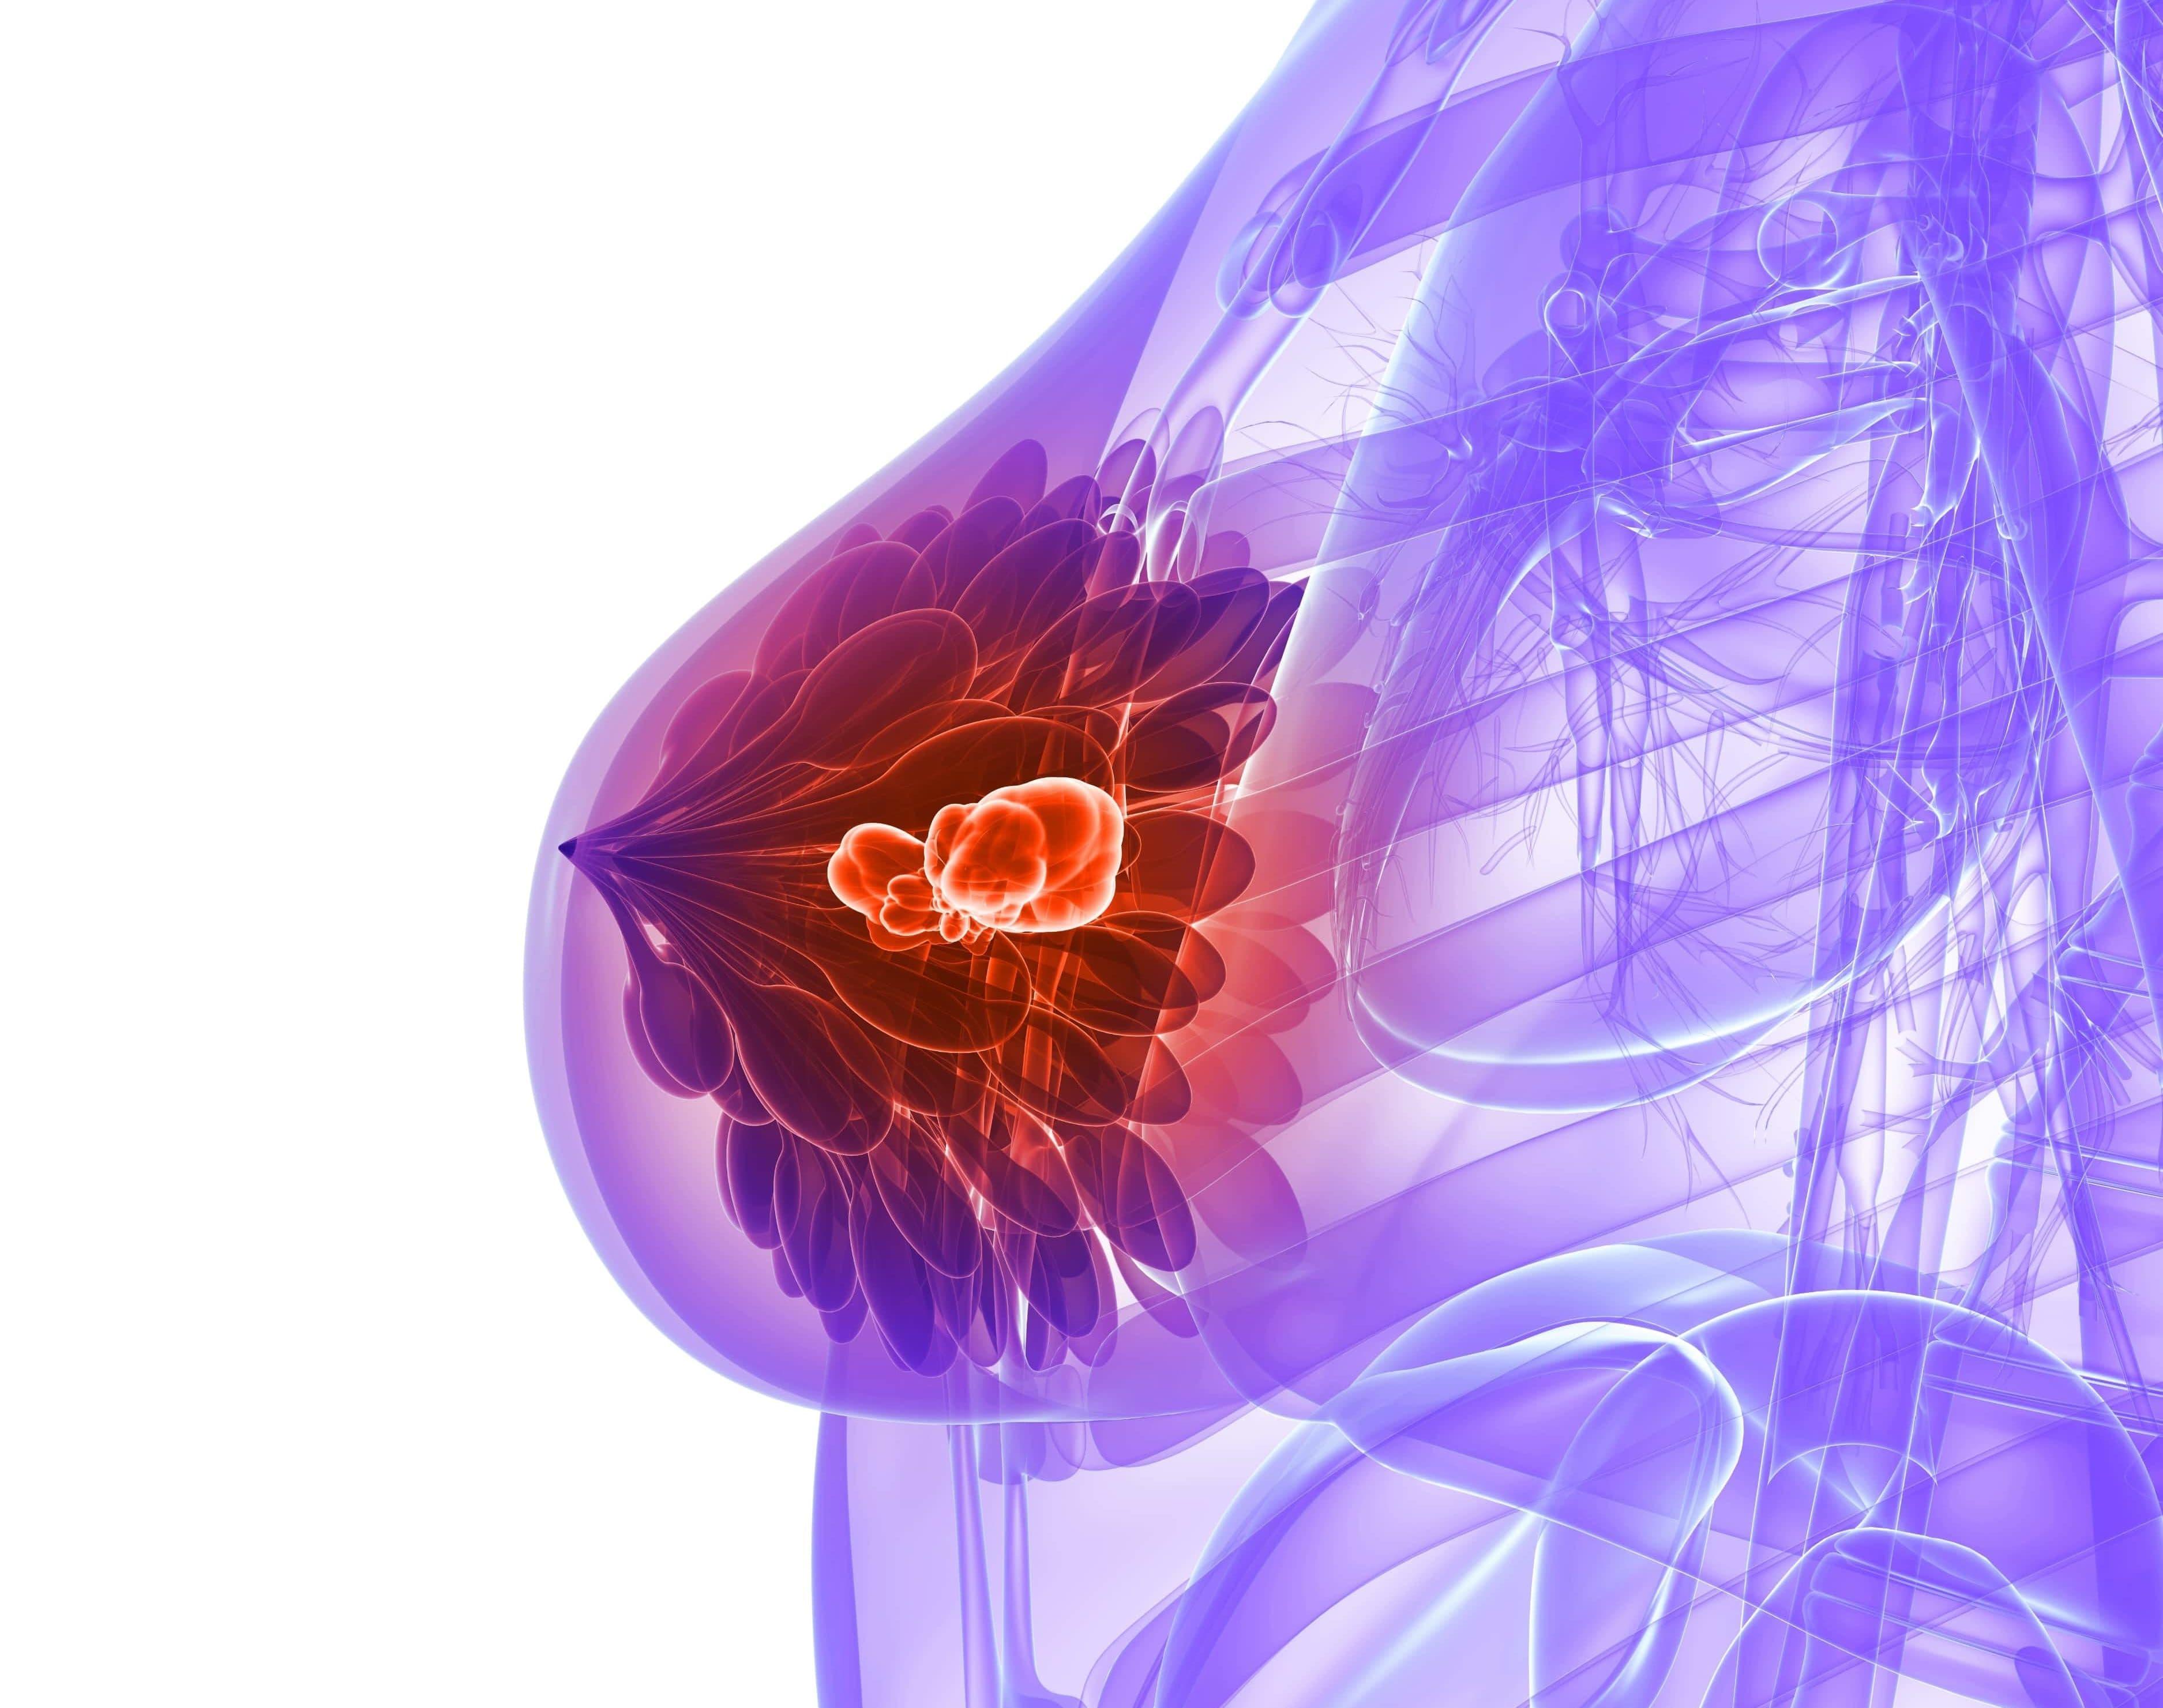 Любой вариант опухоли в груди требует проведения полноценных лечебно-диагностических мероприятий